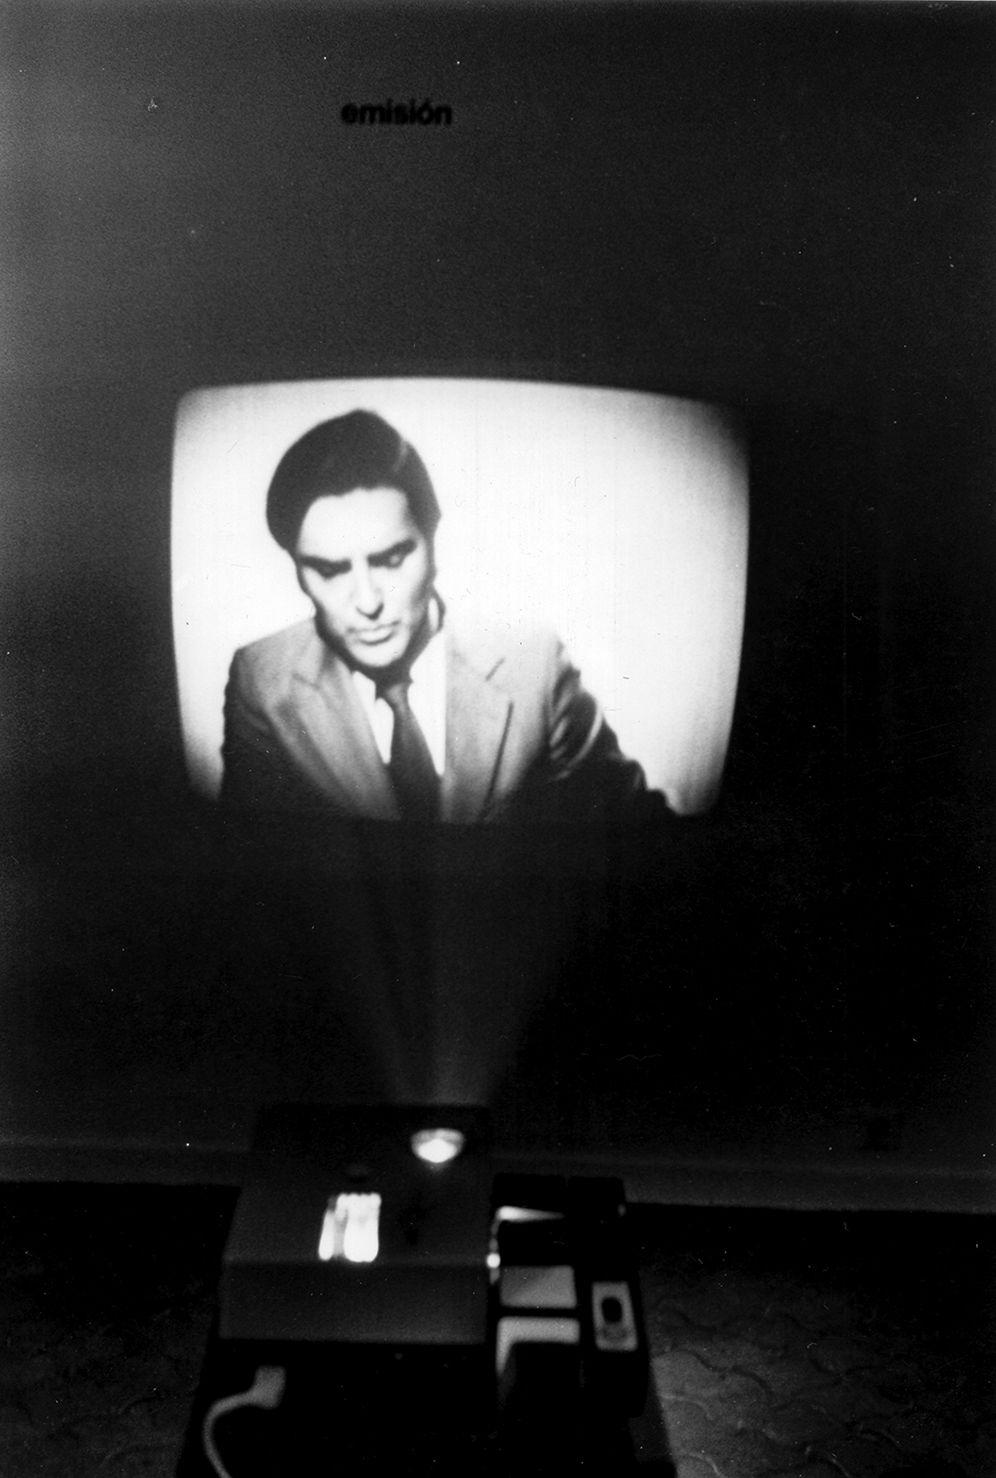 Emisión / Recepción (1974)